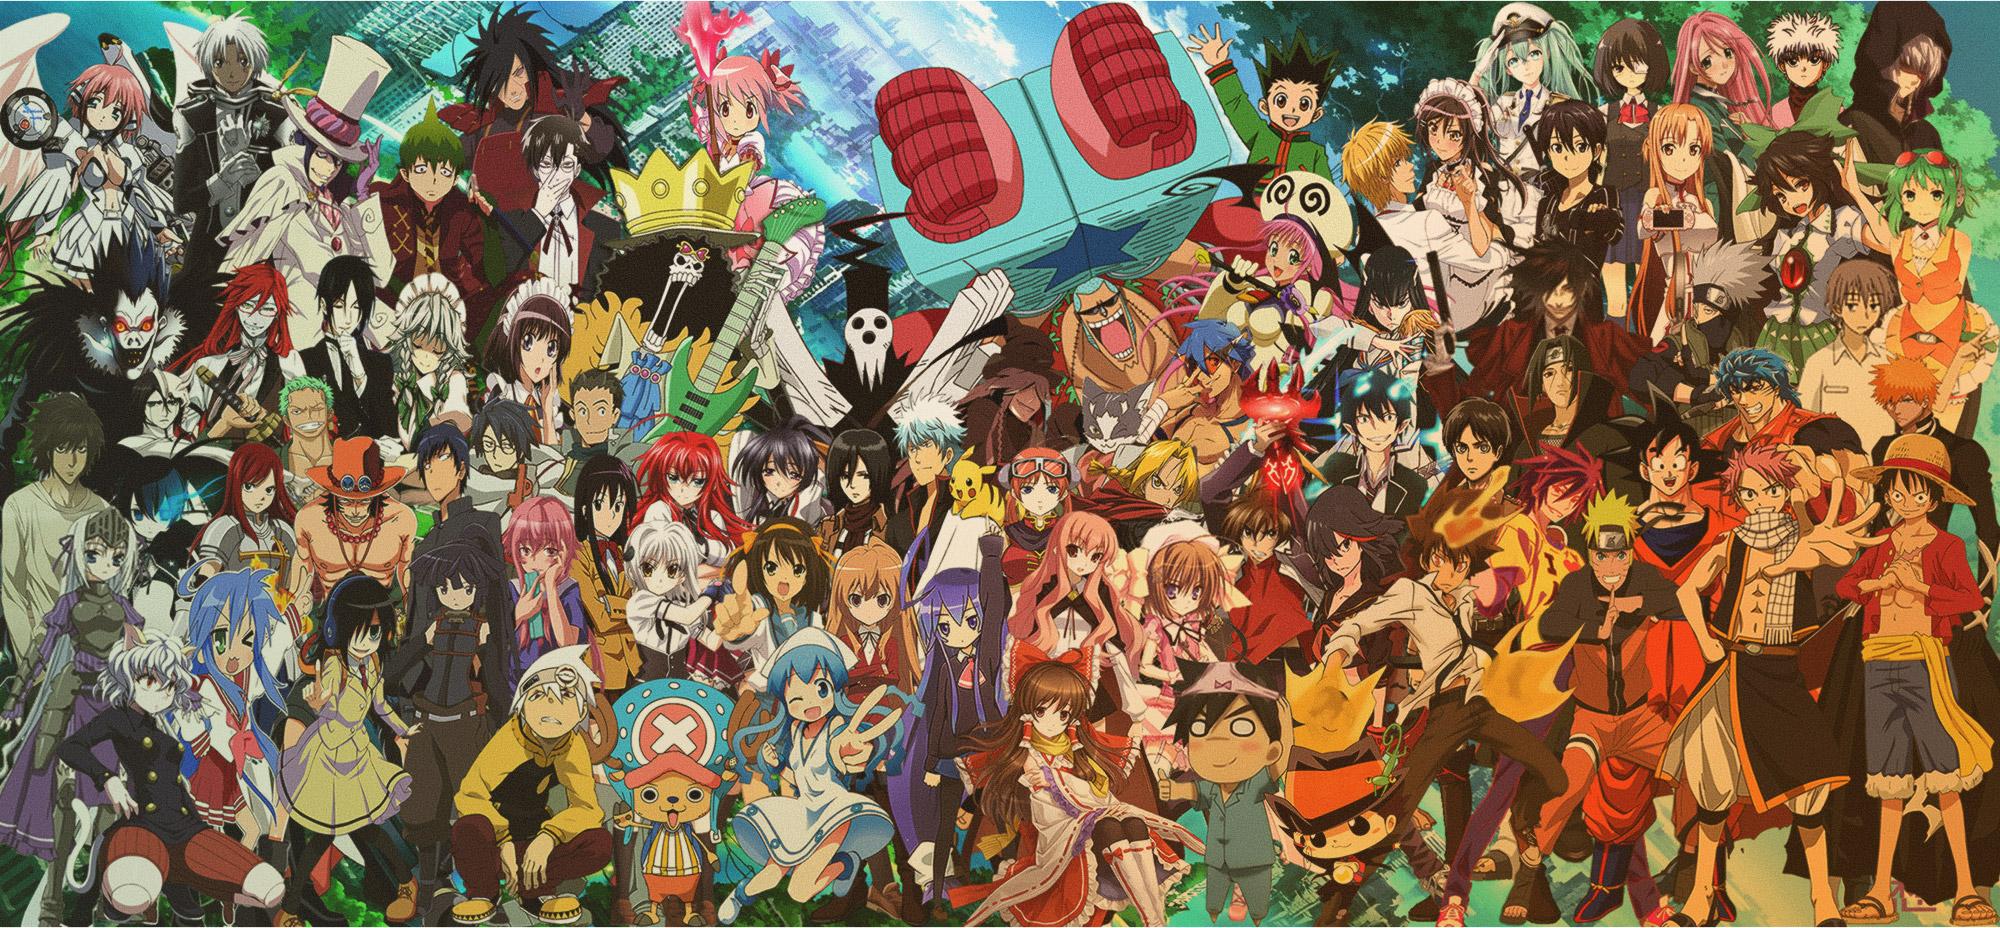 Năm 2017 đánh dấu cột mốc 100 tuổi của ngành công nghiệp phim hoạt hình  Nhật Bản (anime). Trong vòng một thế kỷ qua, người Nhật đã làm gì để dựng  nên ...